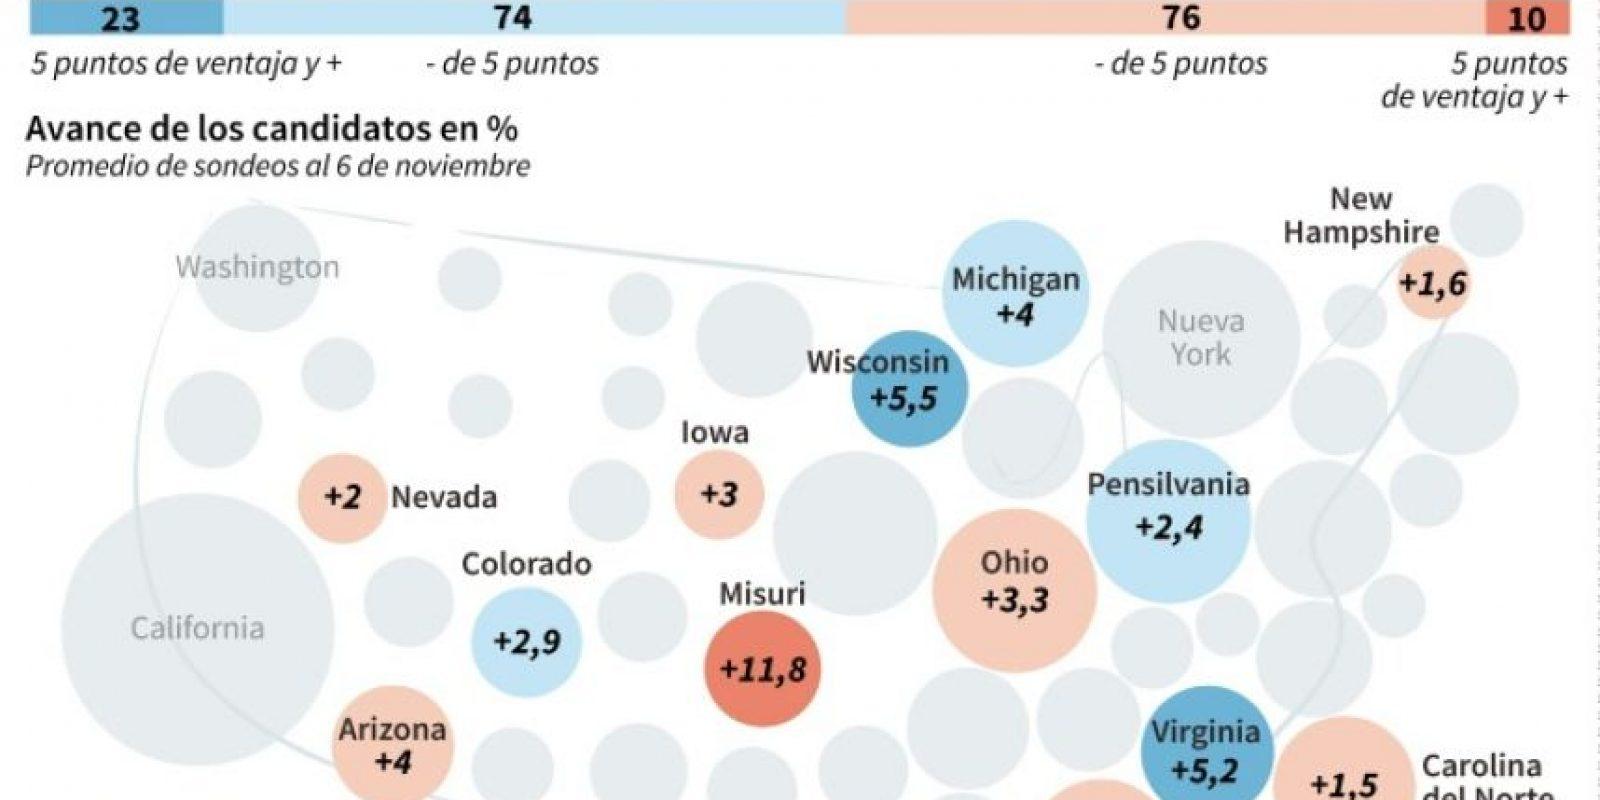 La batalla electoral en los estados clave en EEUU Foto:Gillian HANDYSIDE/afp.com